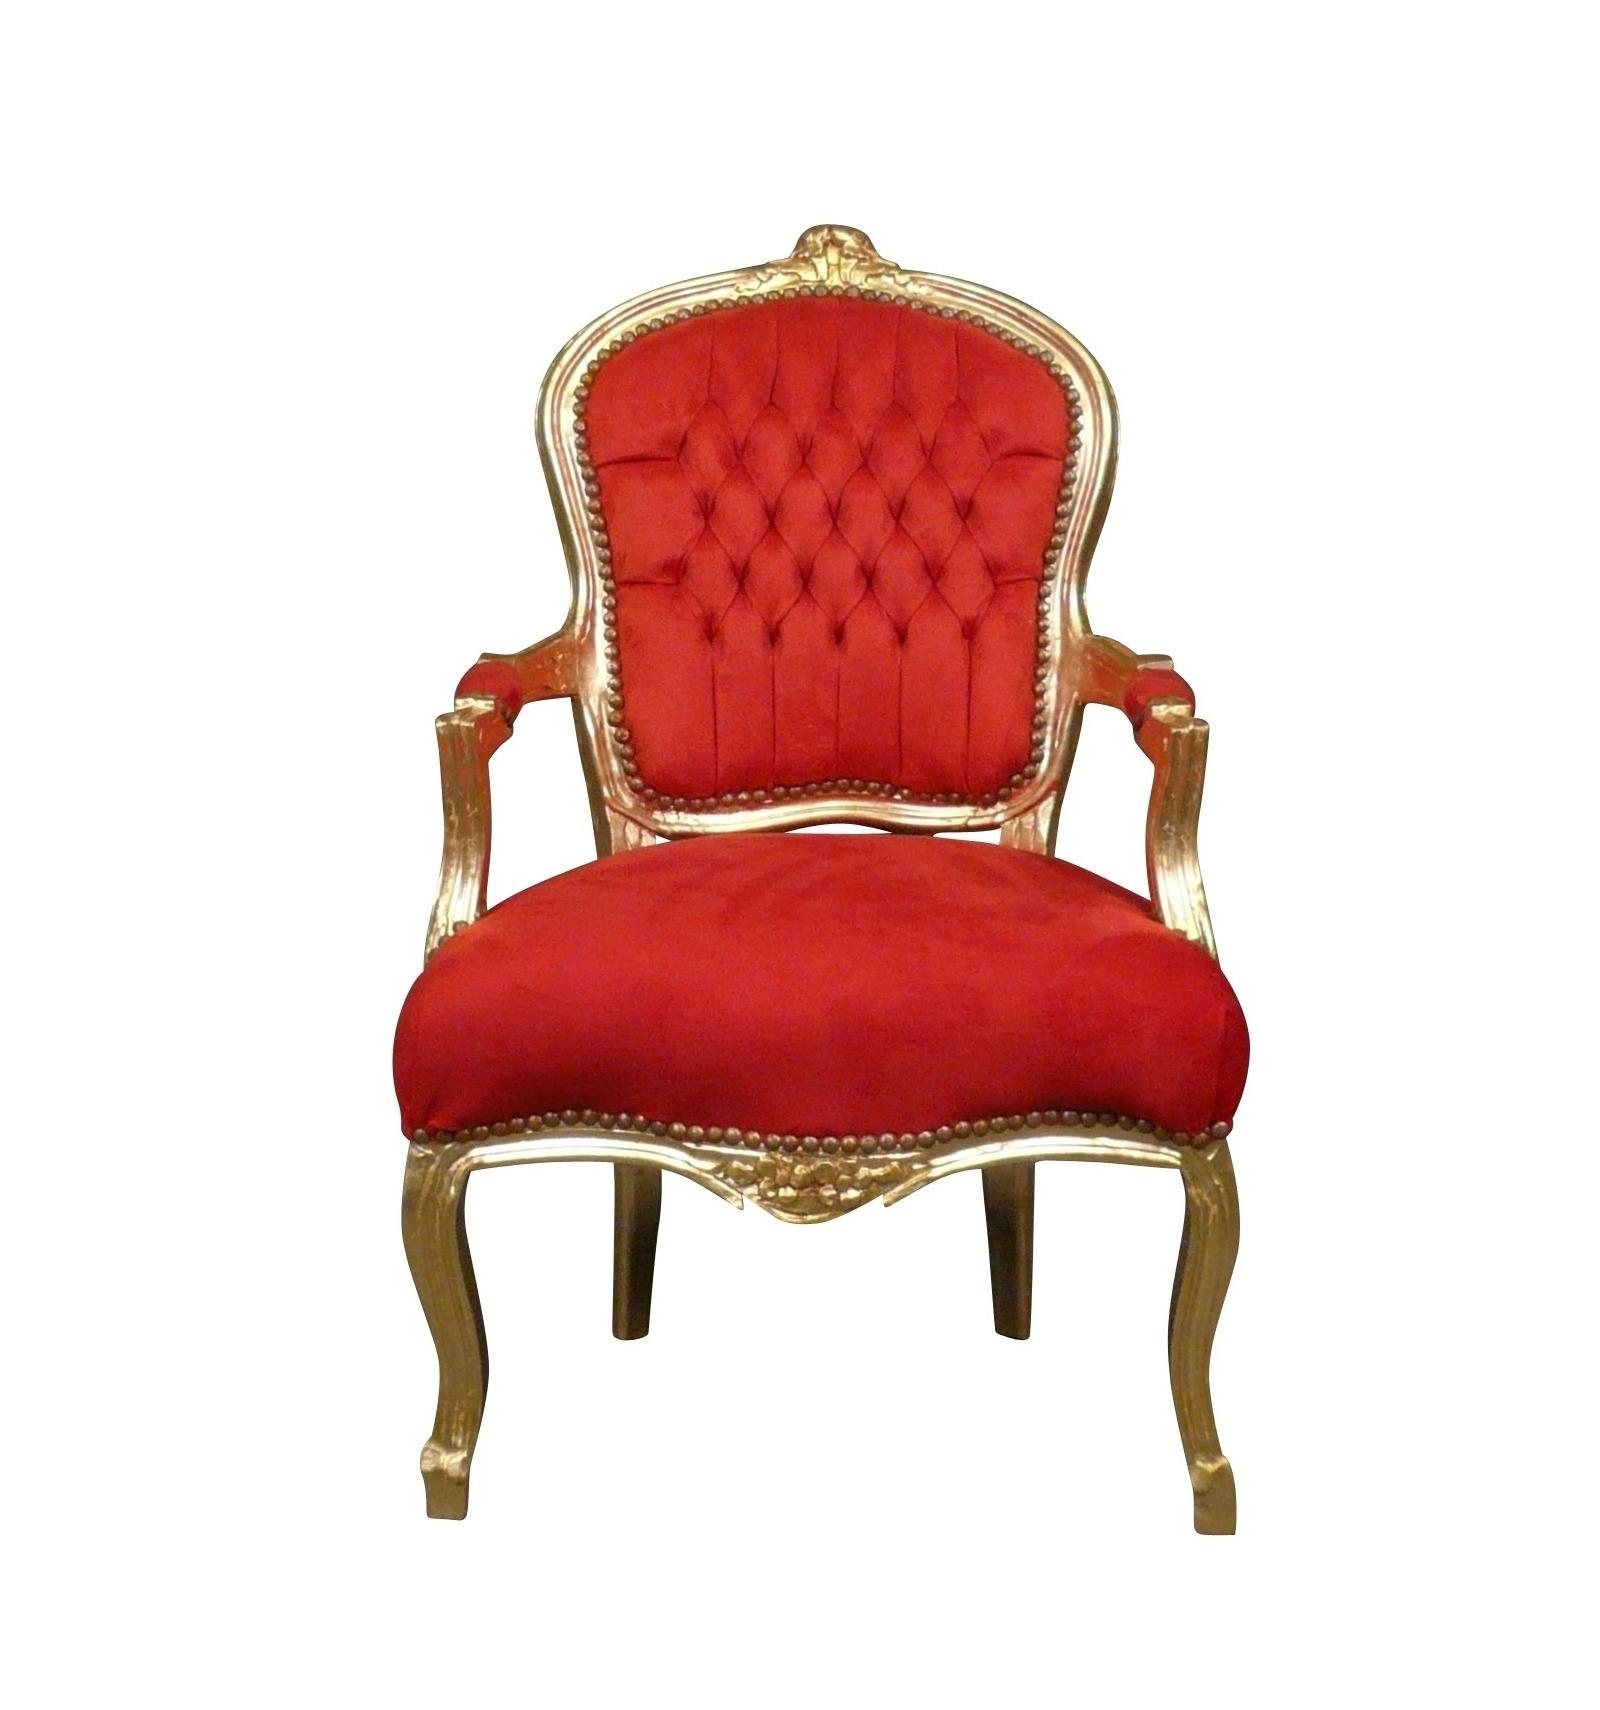 fauteuil louis xv baroque rouge et or fauteuils louis xv. Black Bedroom Furniture Sets. Home Design Ideas